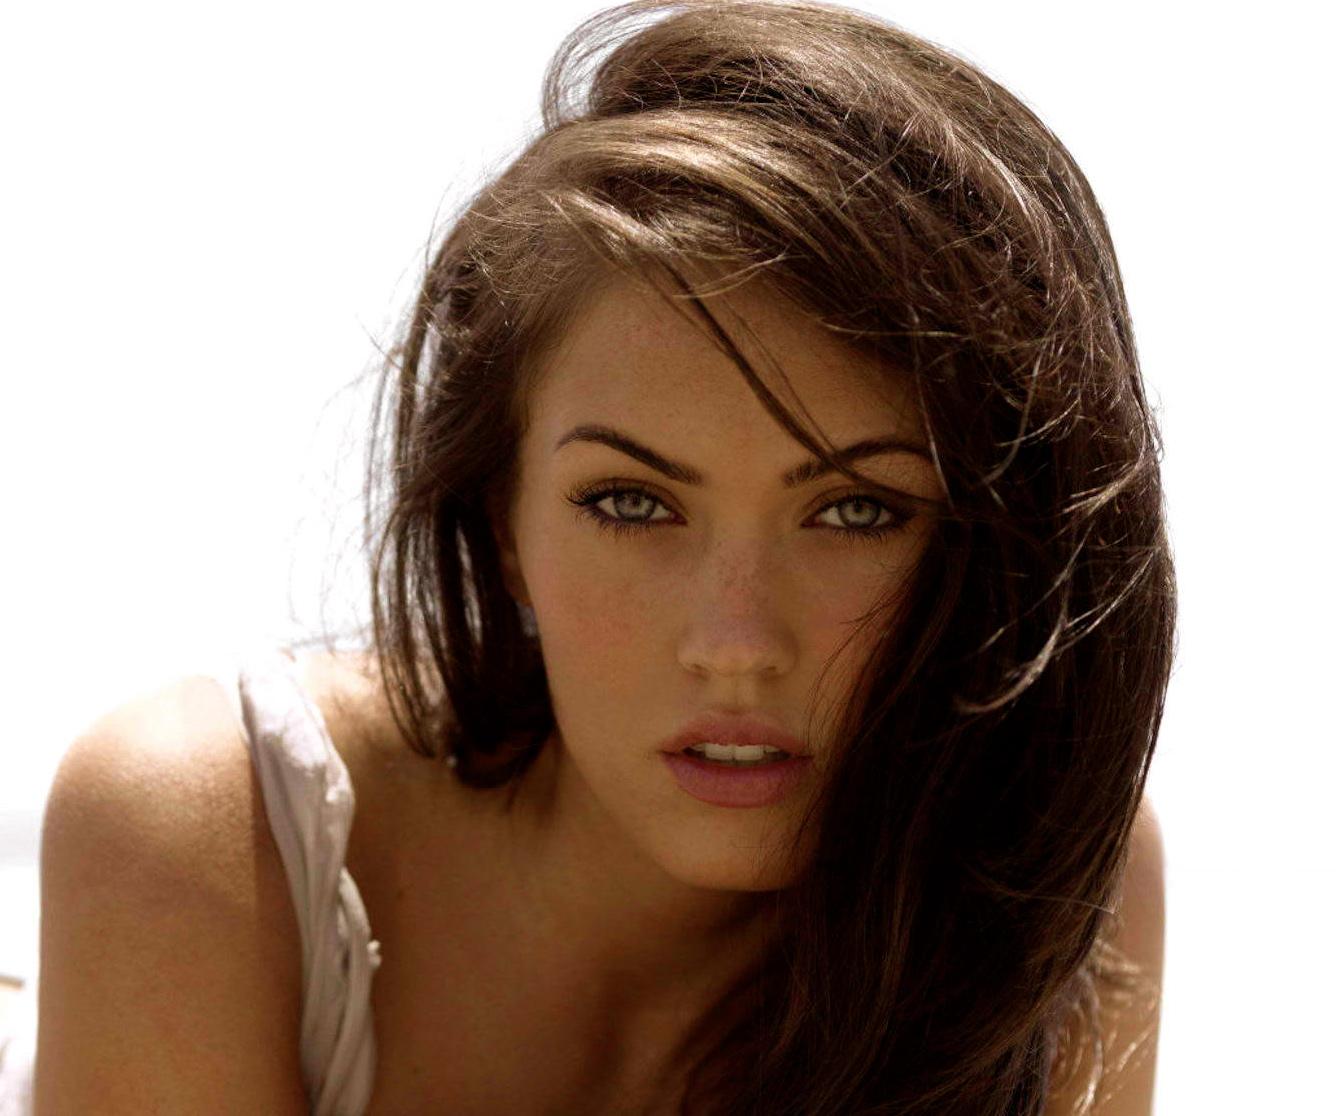 Megan Fox: Themusicaddict: Themusicaddict's 22 Most Beautiful Women